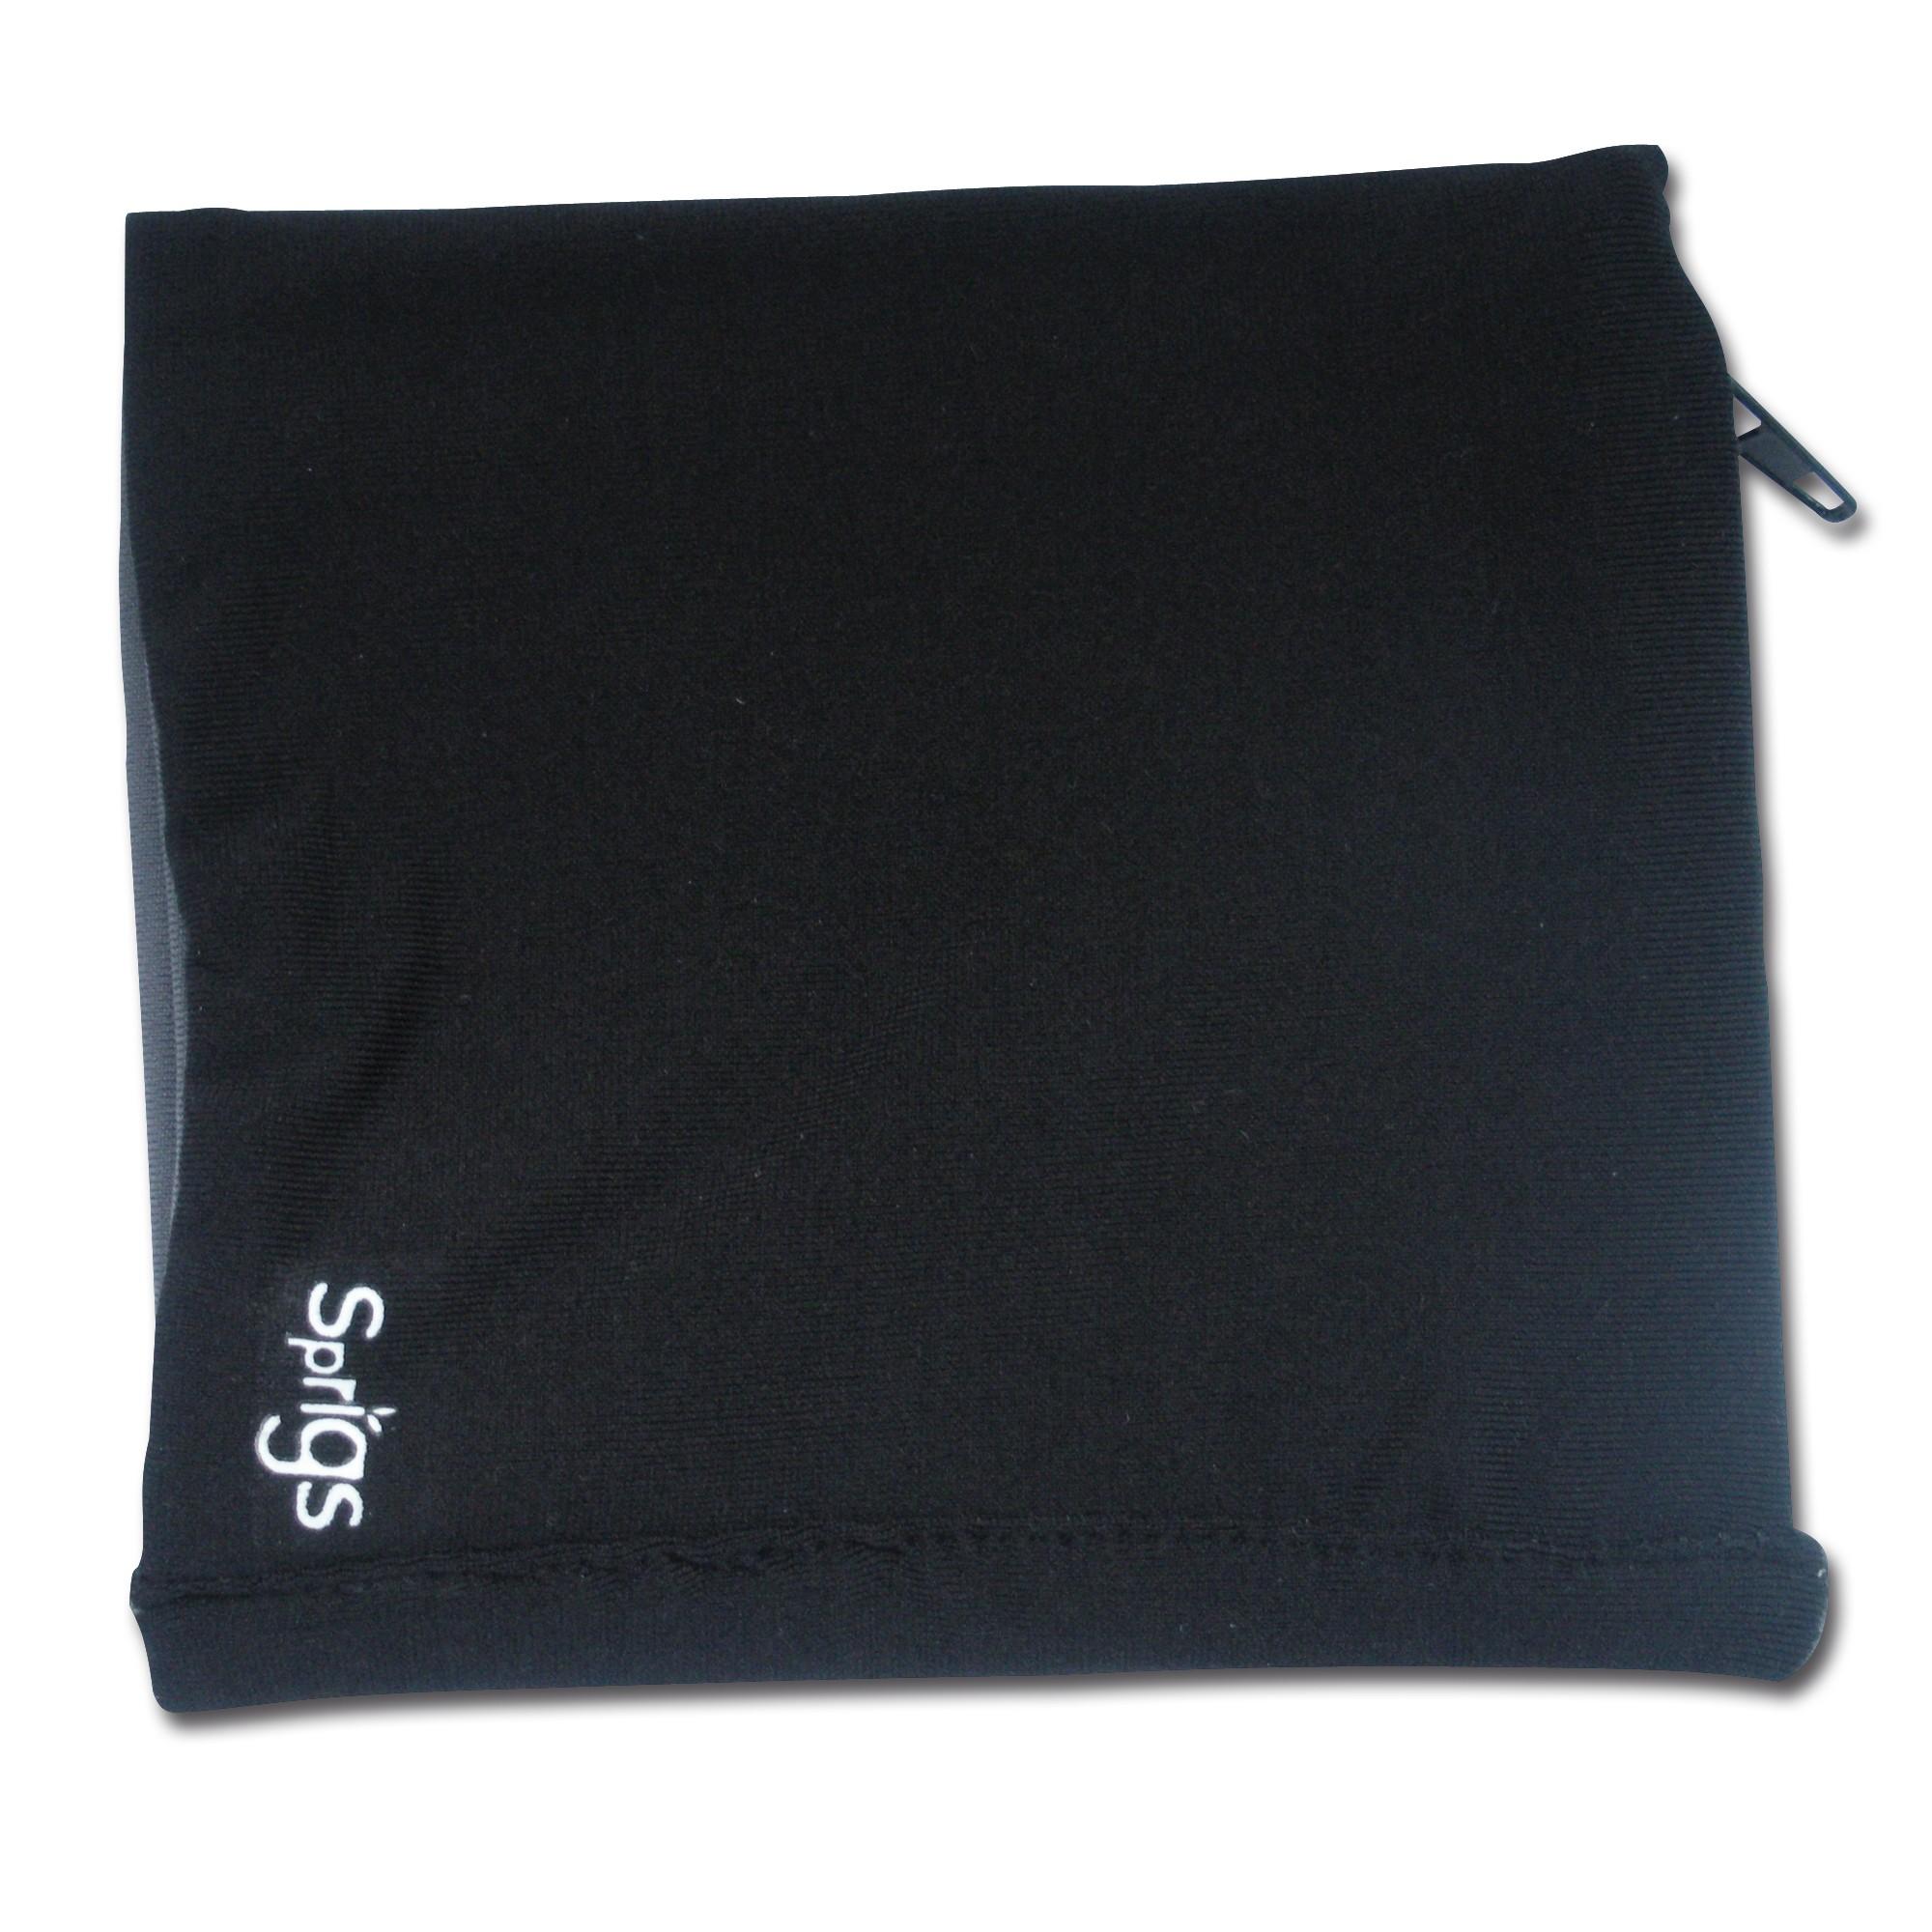 Handgelenktasche Banjees schwarz/grau